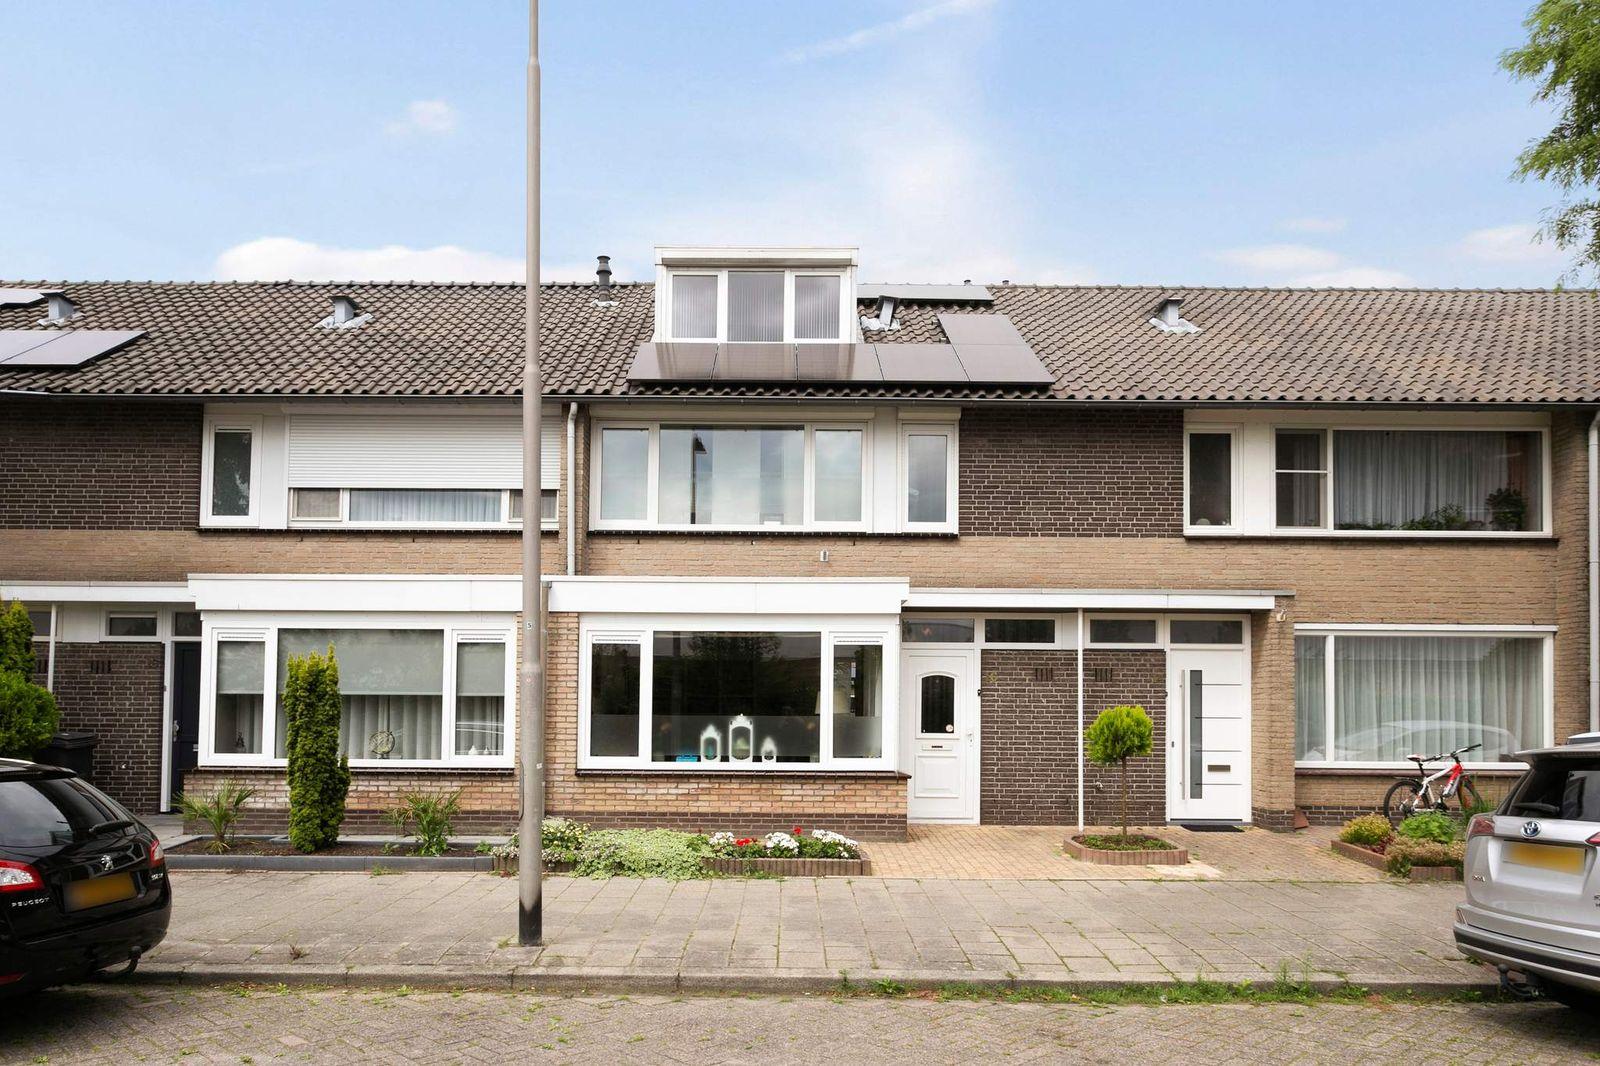 Wieringermeerlaan 16, Eindhoven